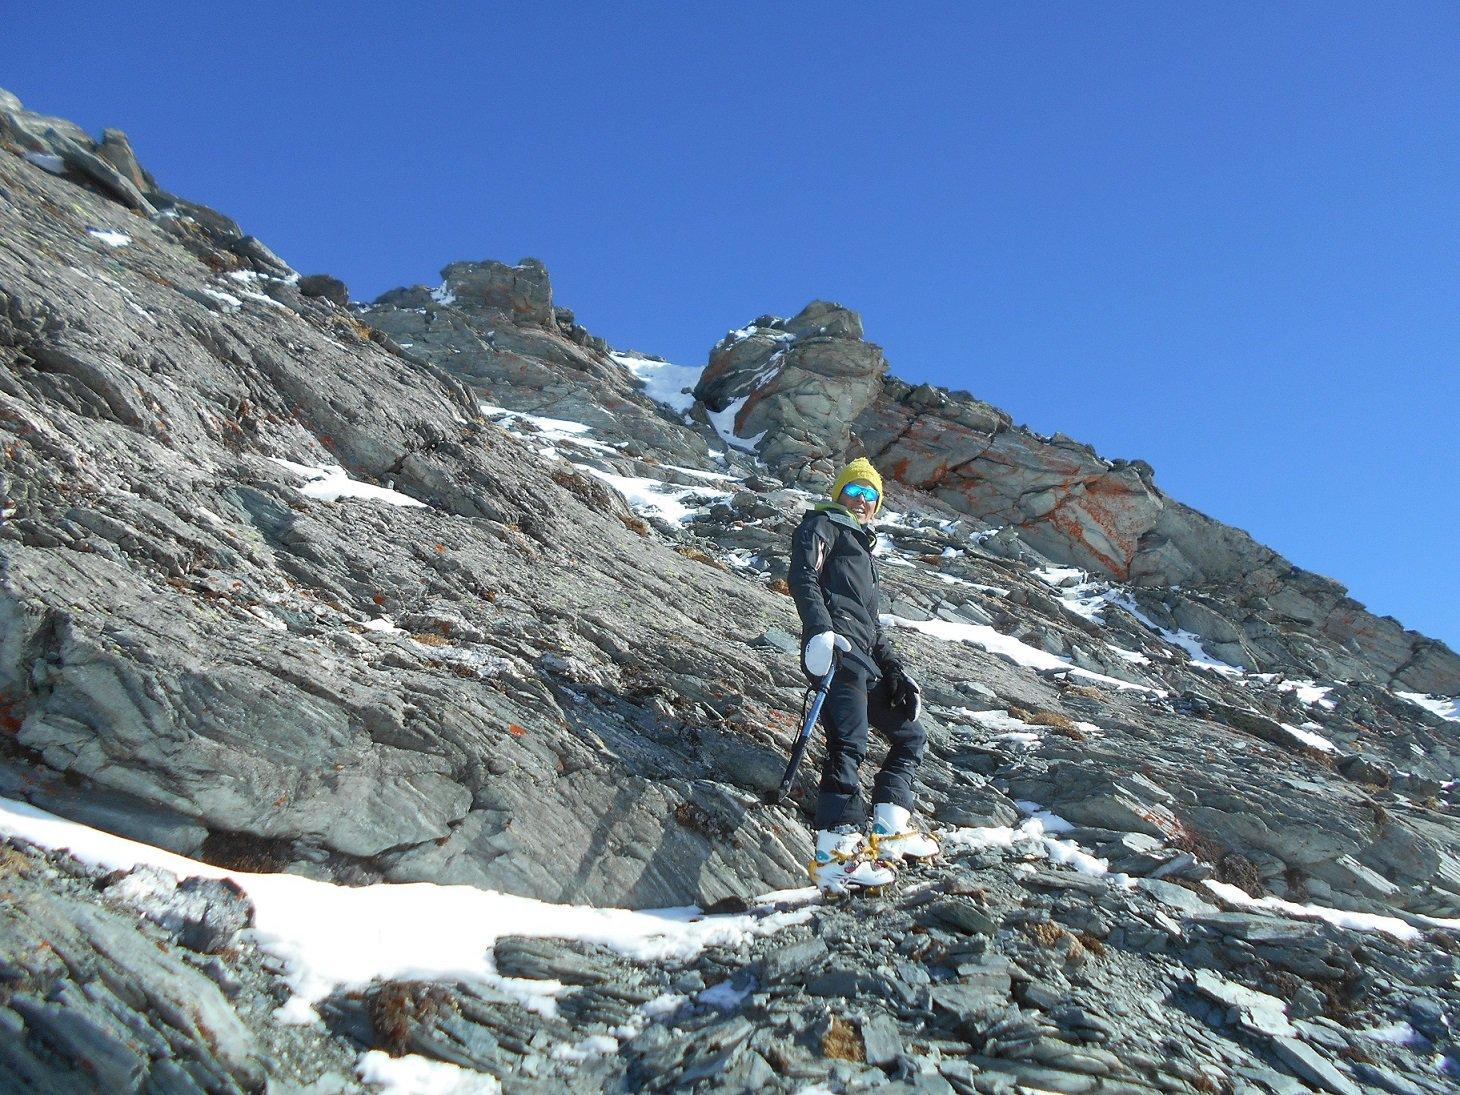 Ultime roccette sotto la cima